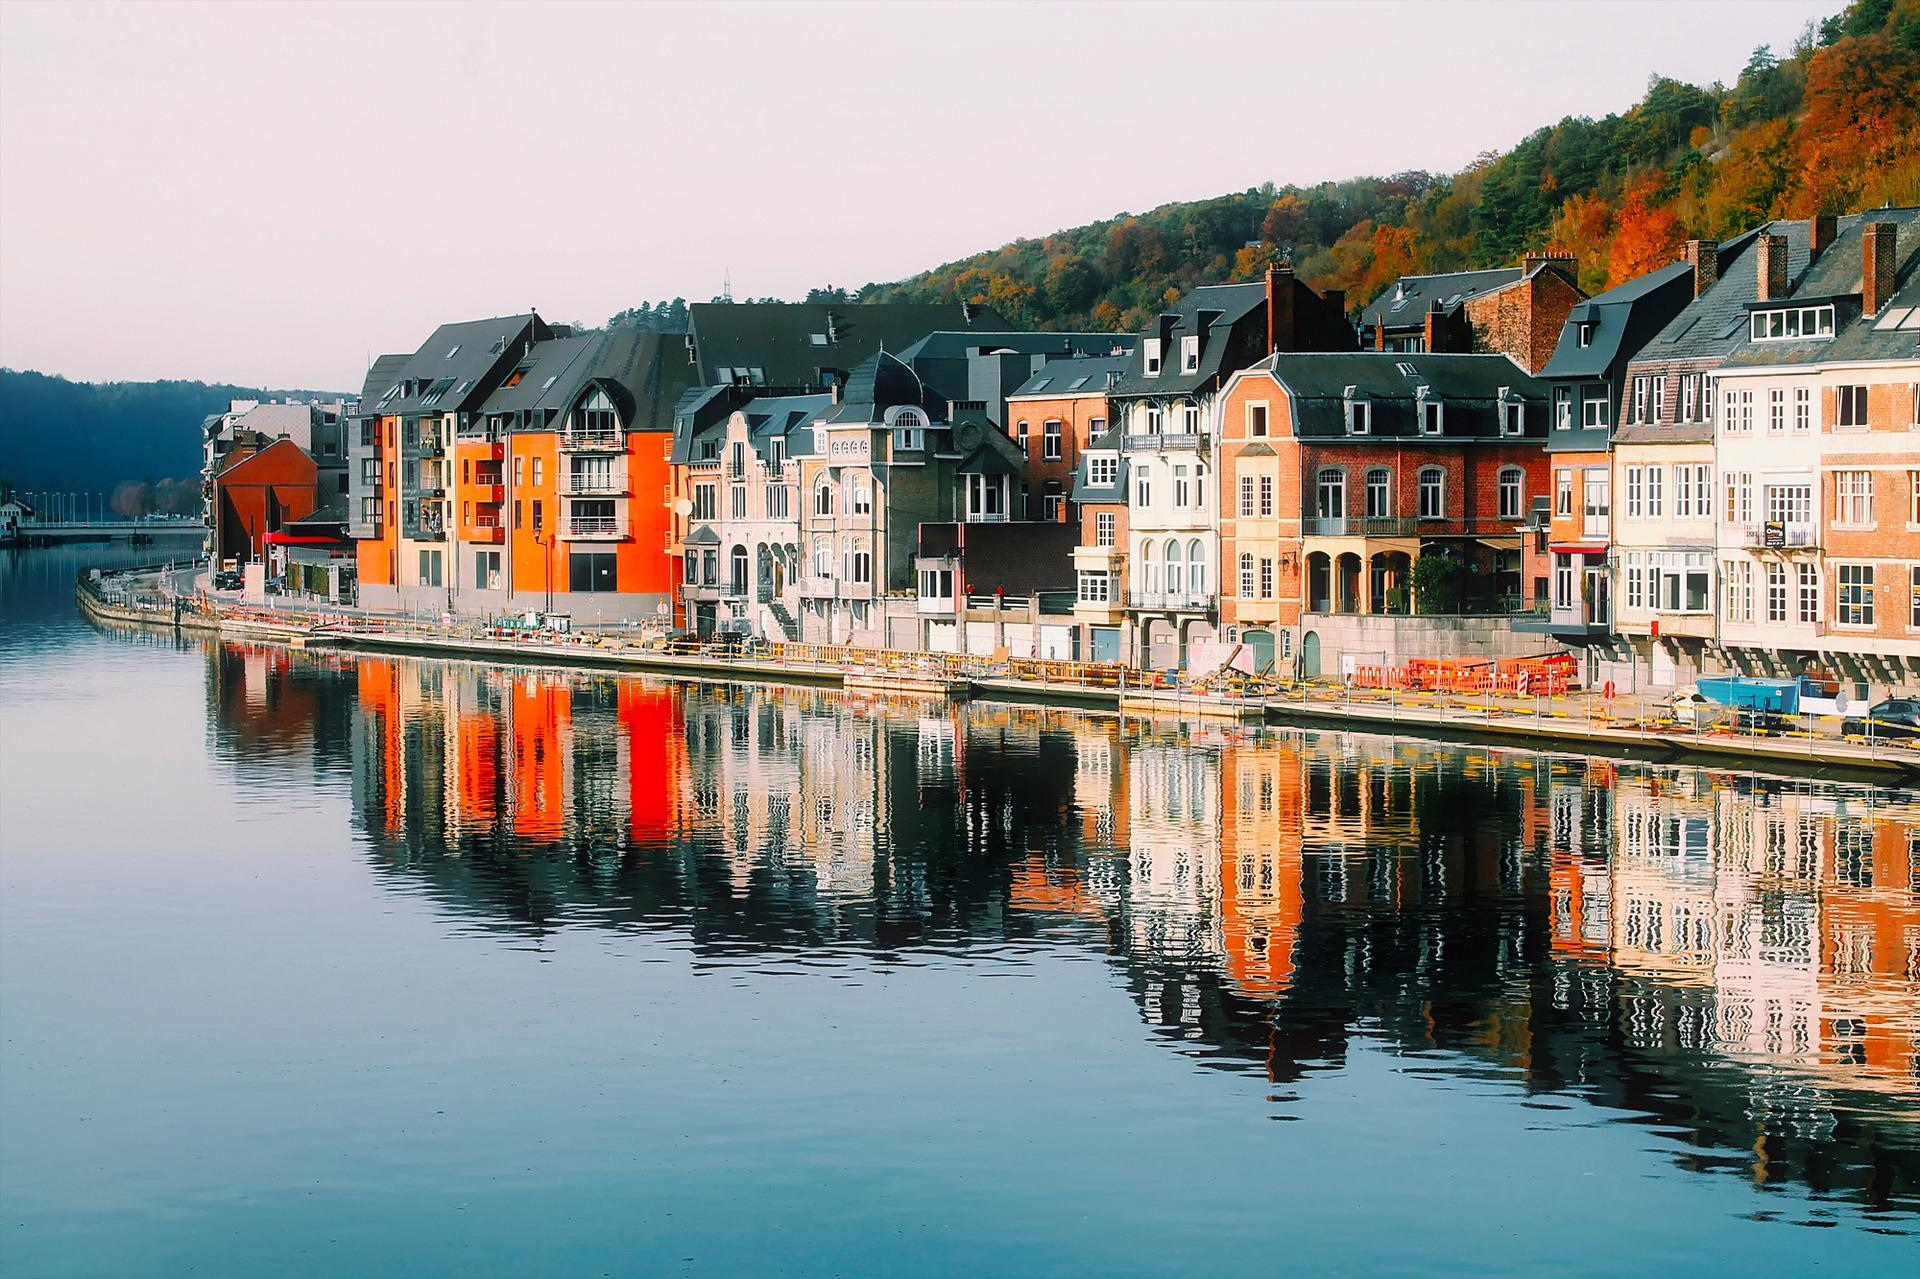 Одобрен законопроект о ратификации Конвенции между РФ и Бельгией об избежании двойного налогообложения